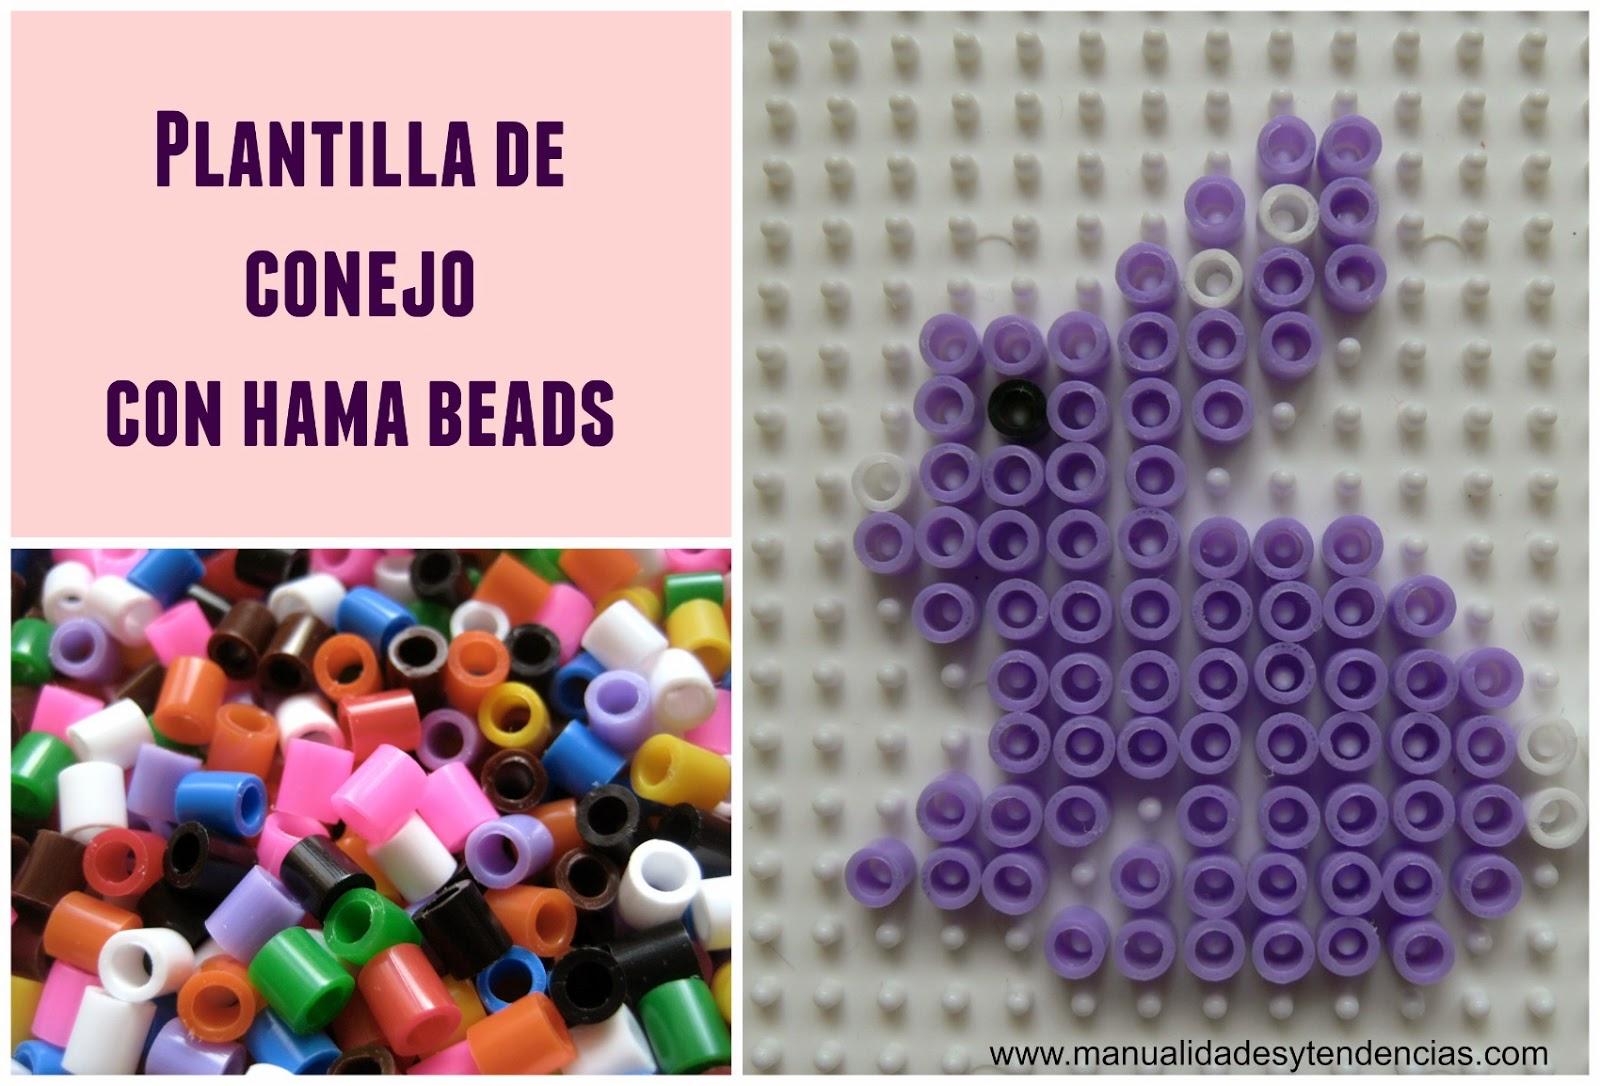 Plantilla conejo hama beads